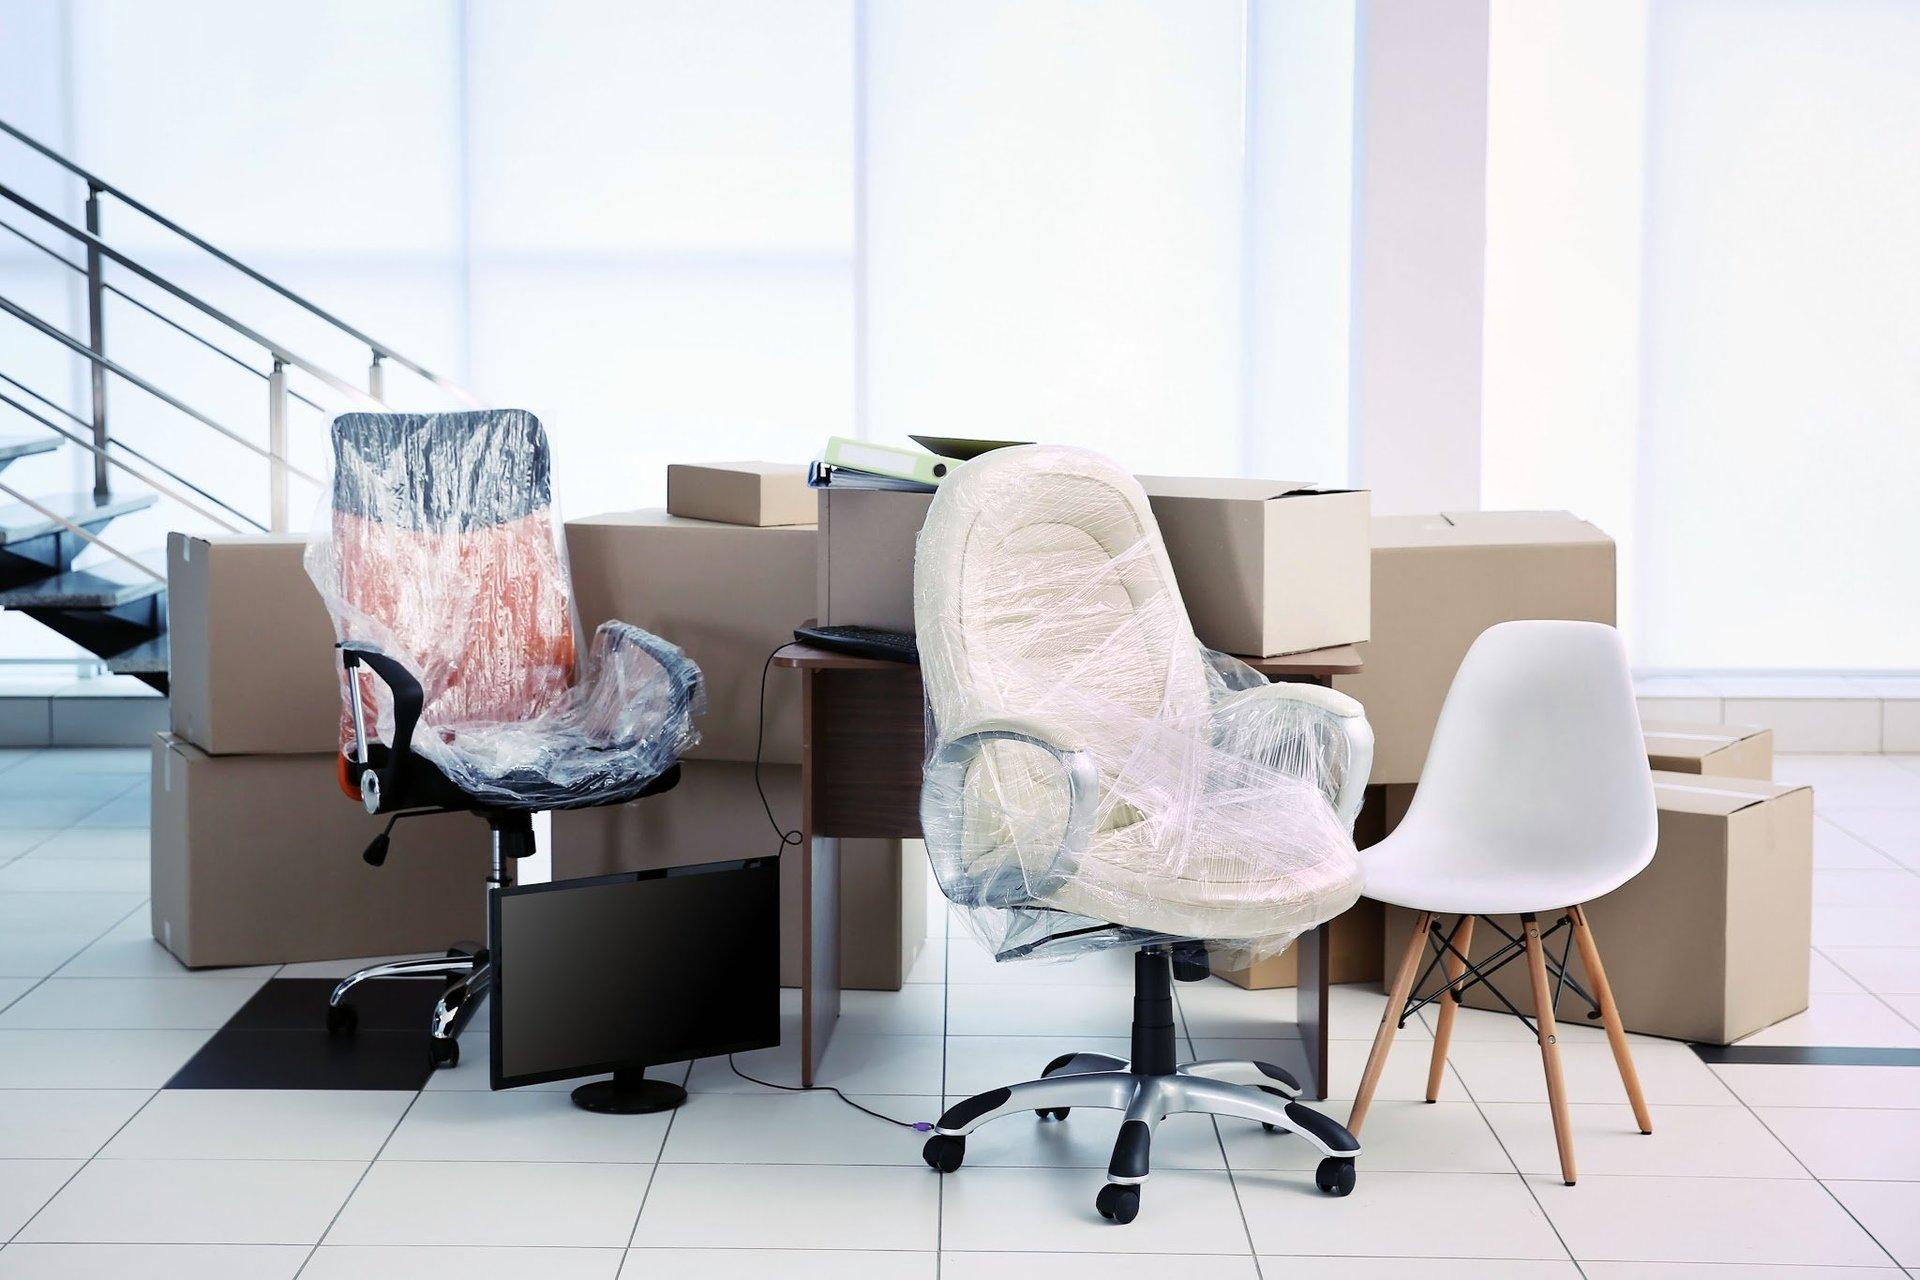 sedie e scatole imballate